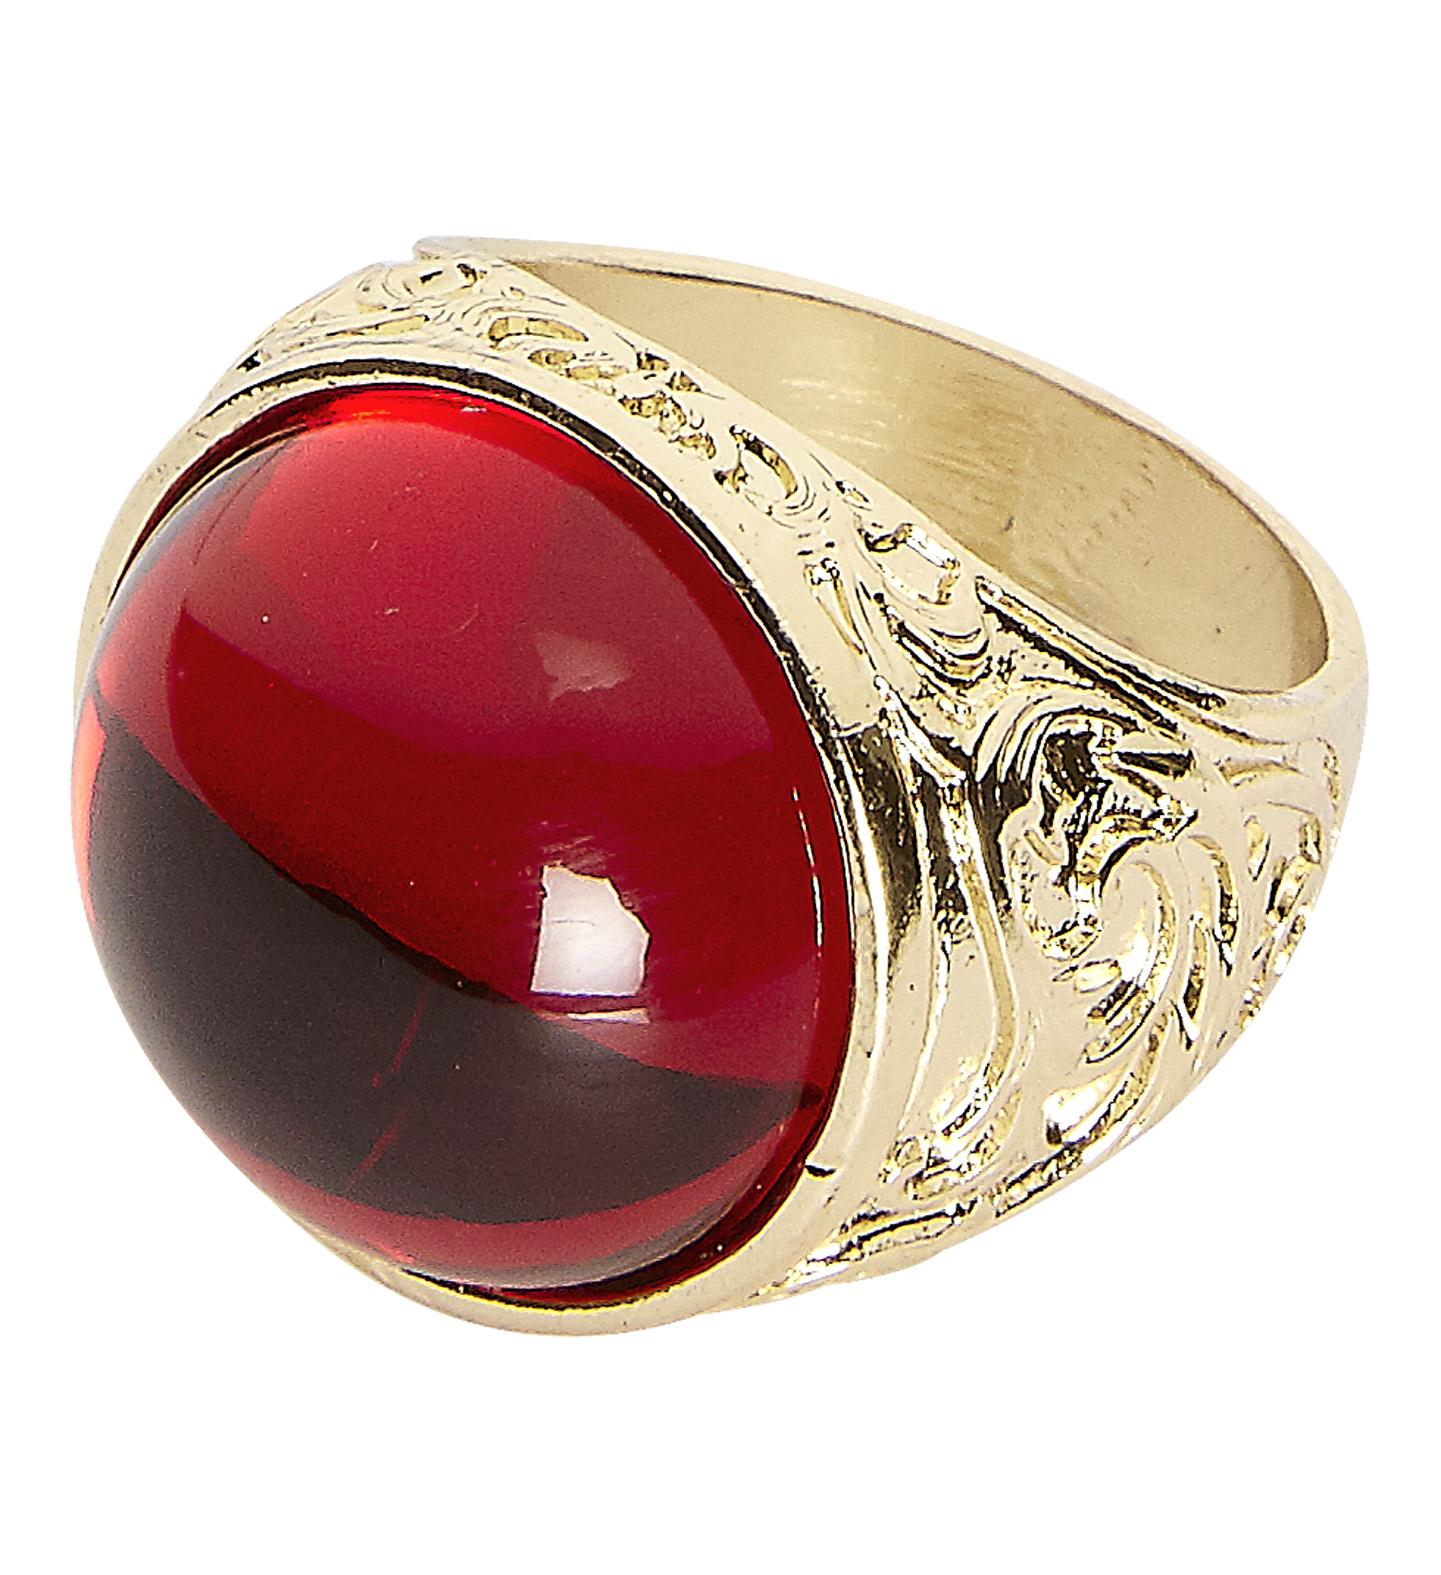 Αποκριάτικο Αξεσουάρ Δαχτυλίδι με Κόκκινη Πέτρα 01c0c56cd39